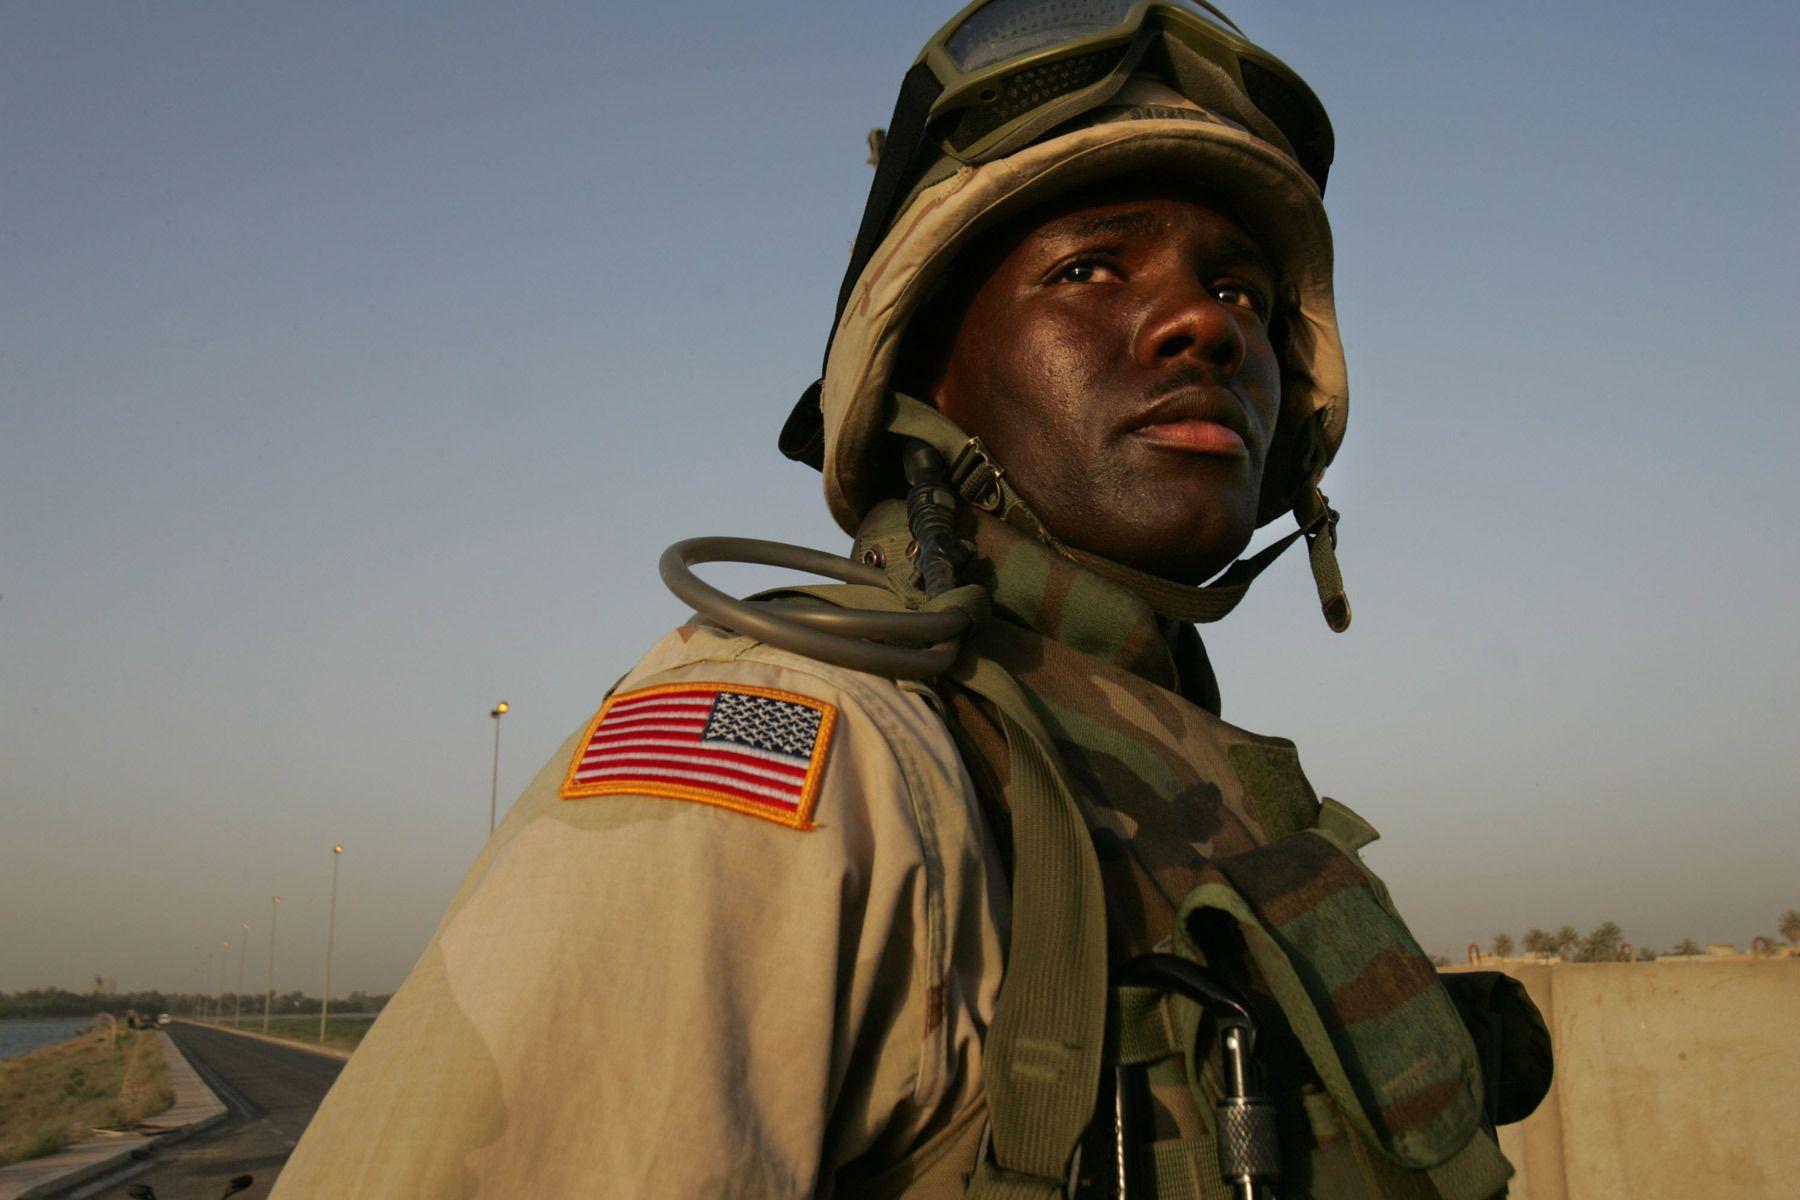 15_1us_soldier1ballard.jpg